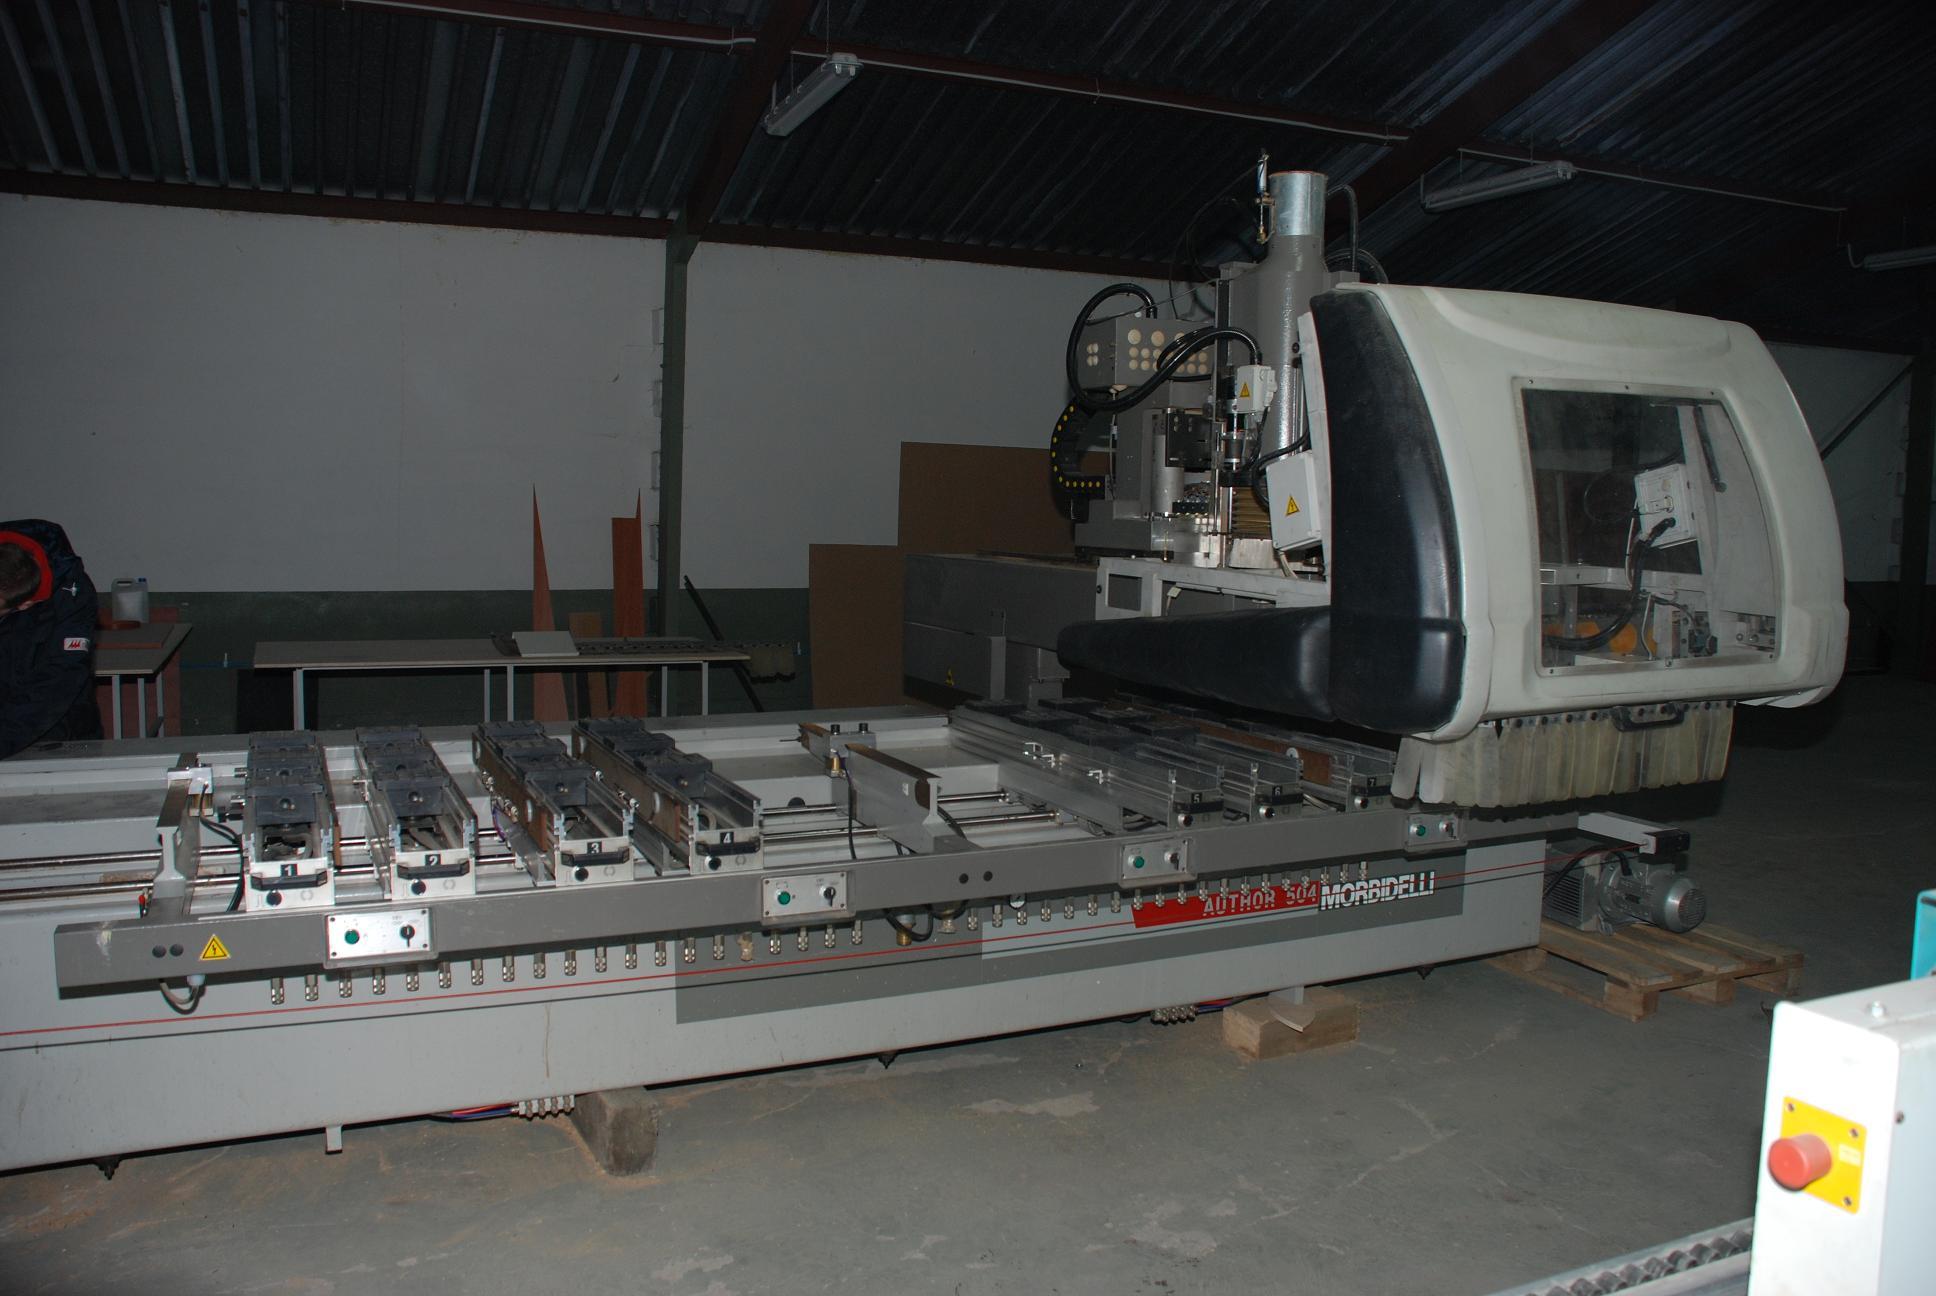 Używane maszyny CNC- Morbidelli Autor 504